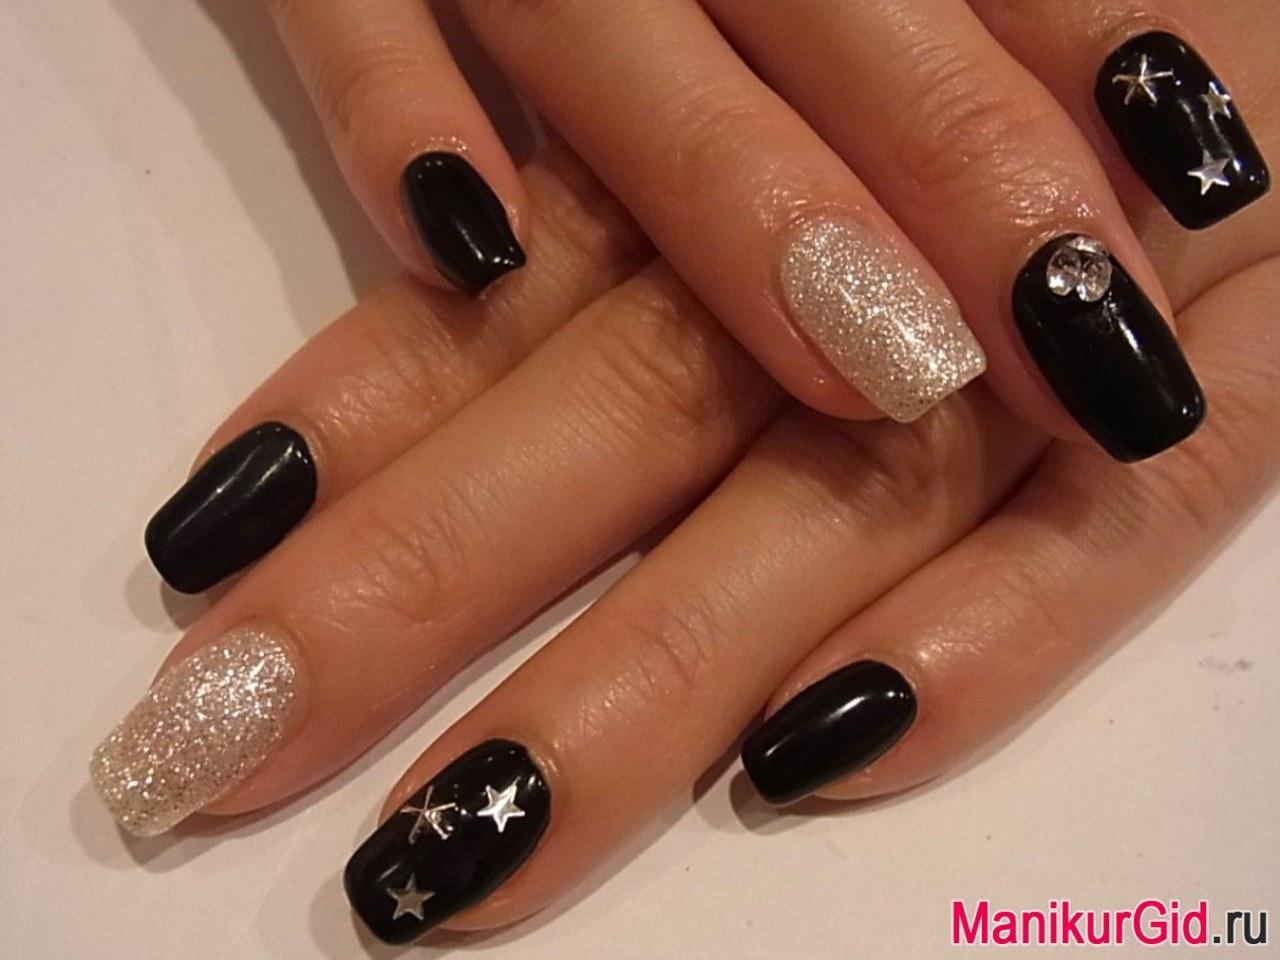 красивый дизайн ногтей в черном цвете 24